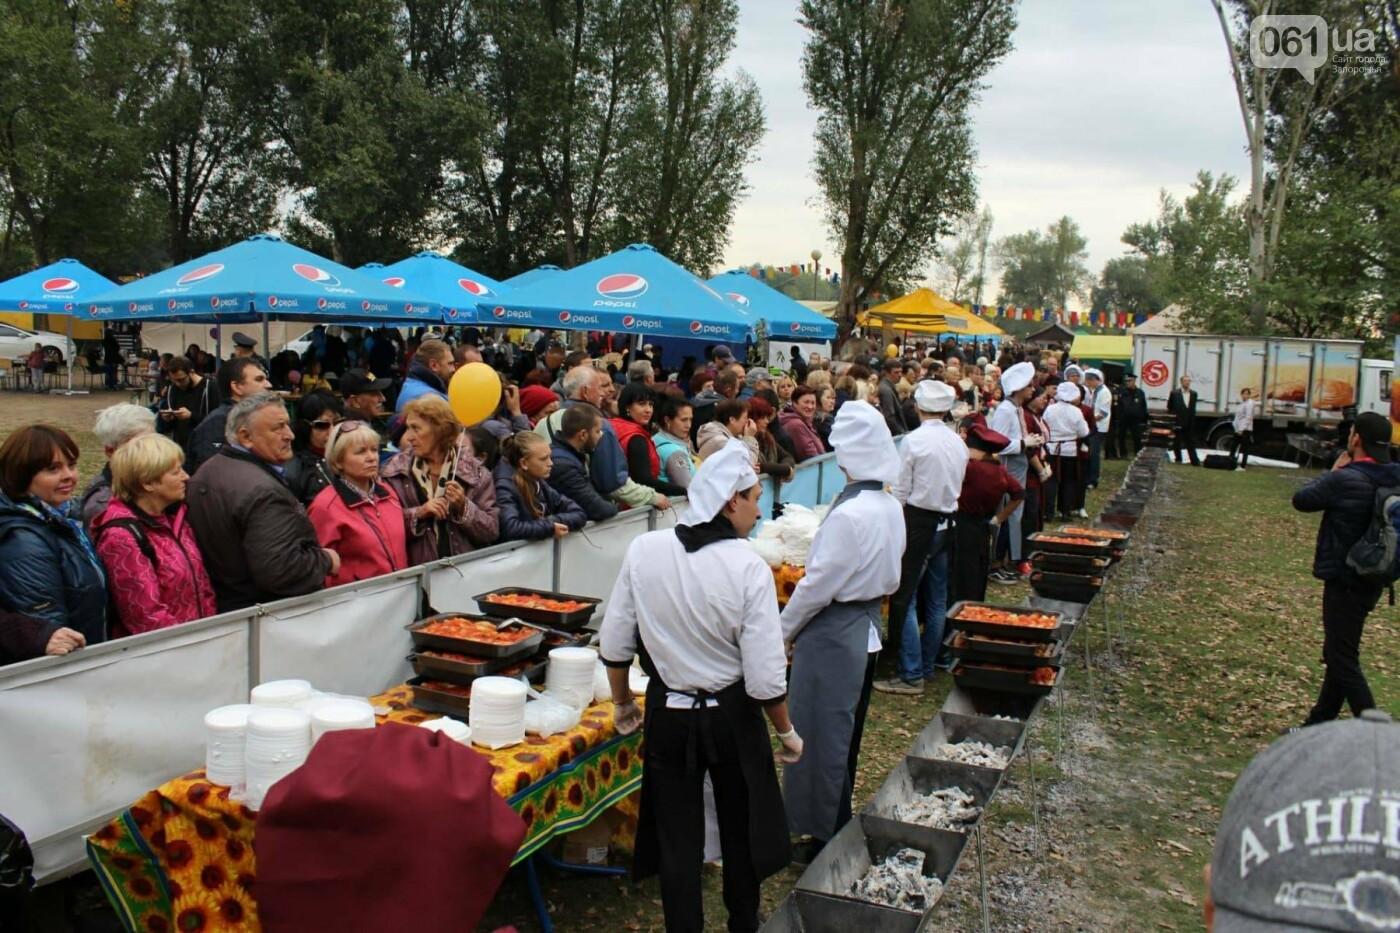 В Запорожье на ярмарке под баян начали раздавать голубцы: пока без драк, - ФОТОРЕПОРТАЖ, фото-21